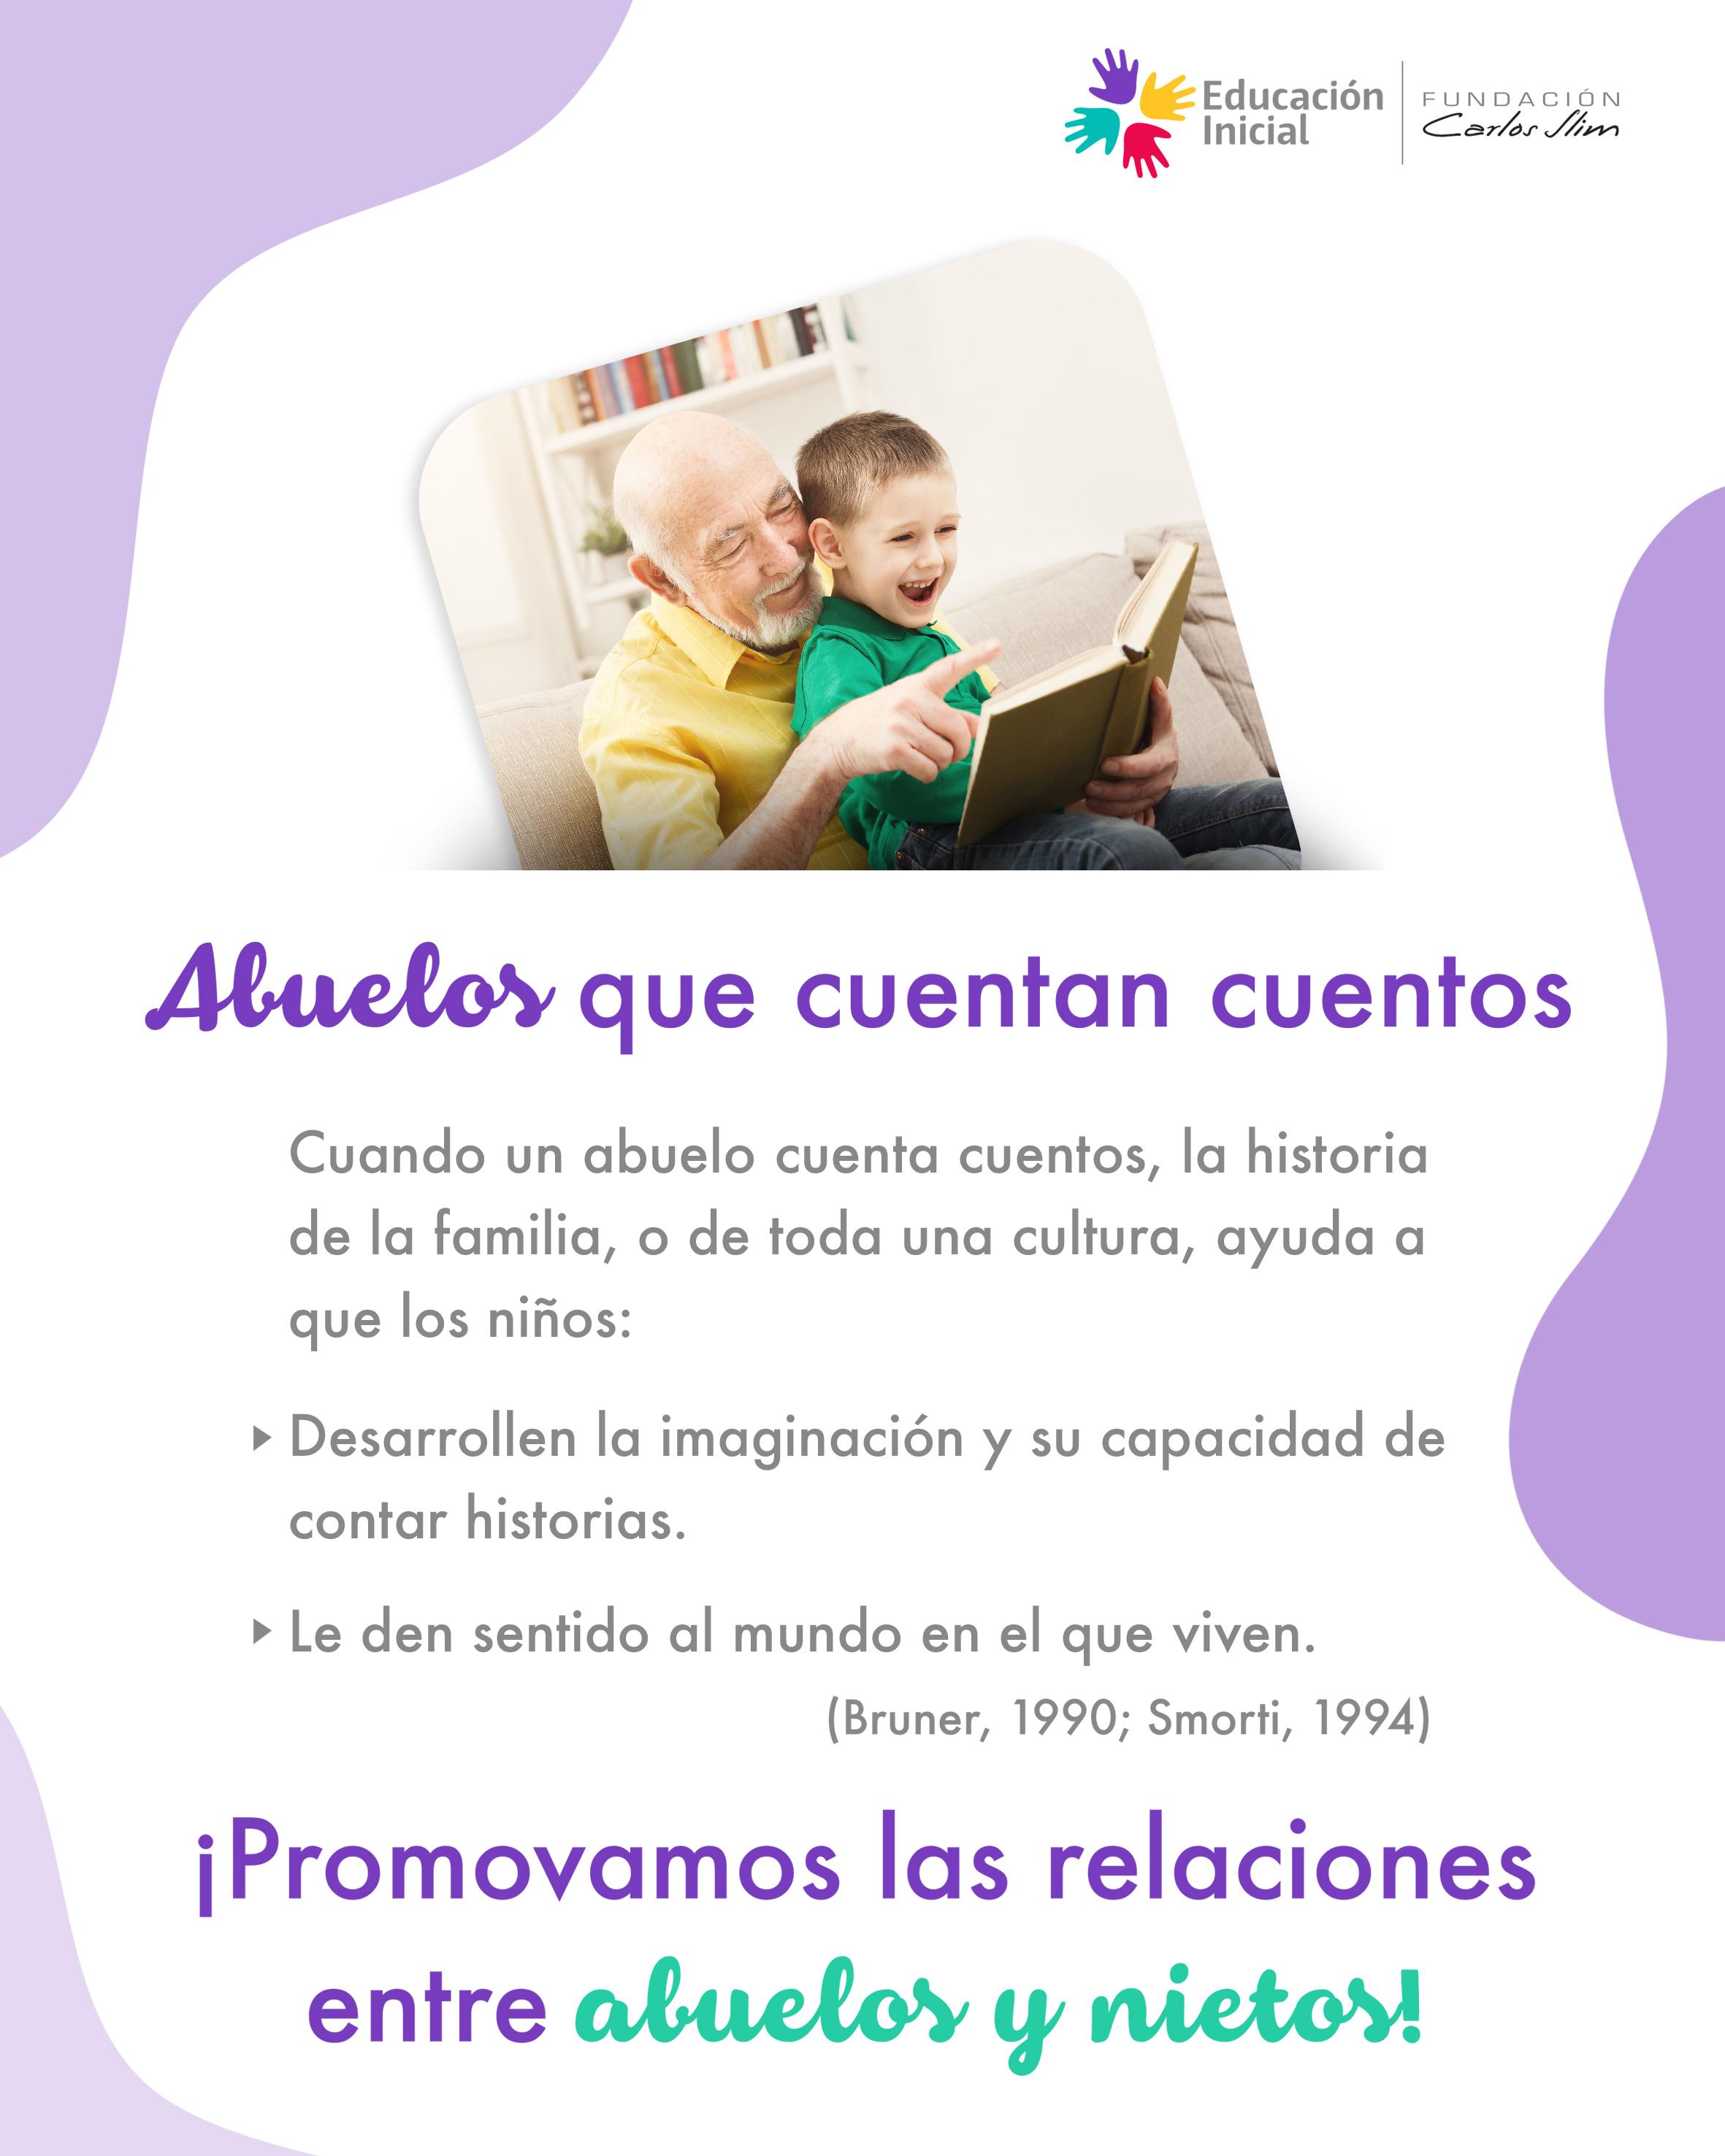 (530) Abuelos que cuentan cuentos